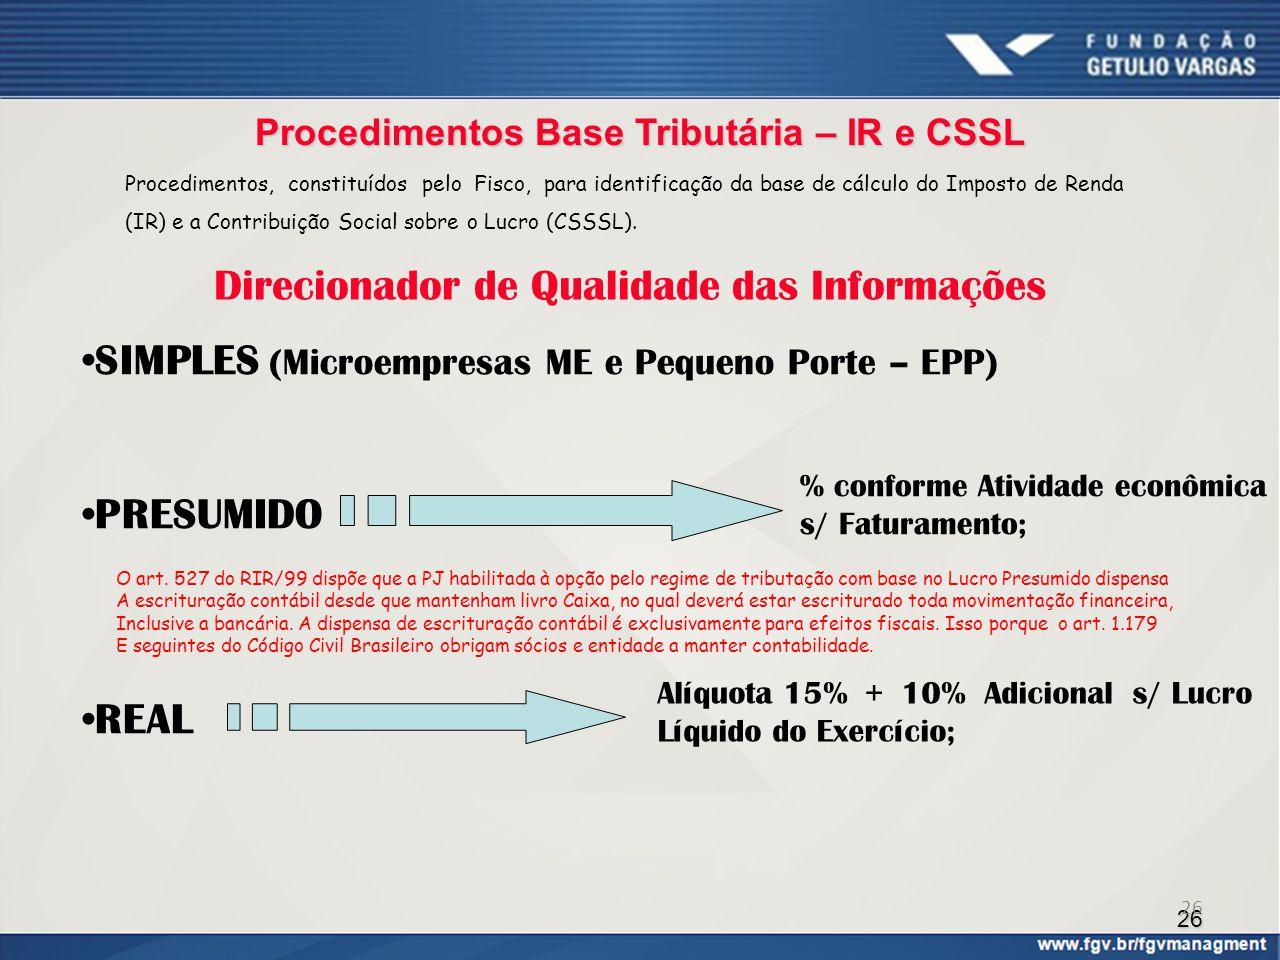 26 Procedimentos Base Tributária – IR e CSSL SIMPLES (Microempresas ME e Pequeno Porte – EPP) PRESUMIDO REAL % conforme Atividade econômica s/ Faturam